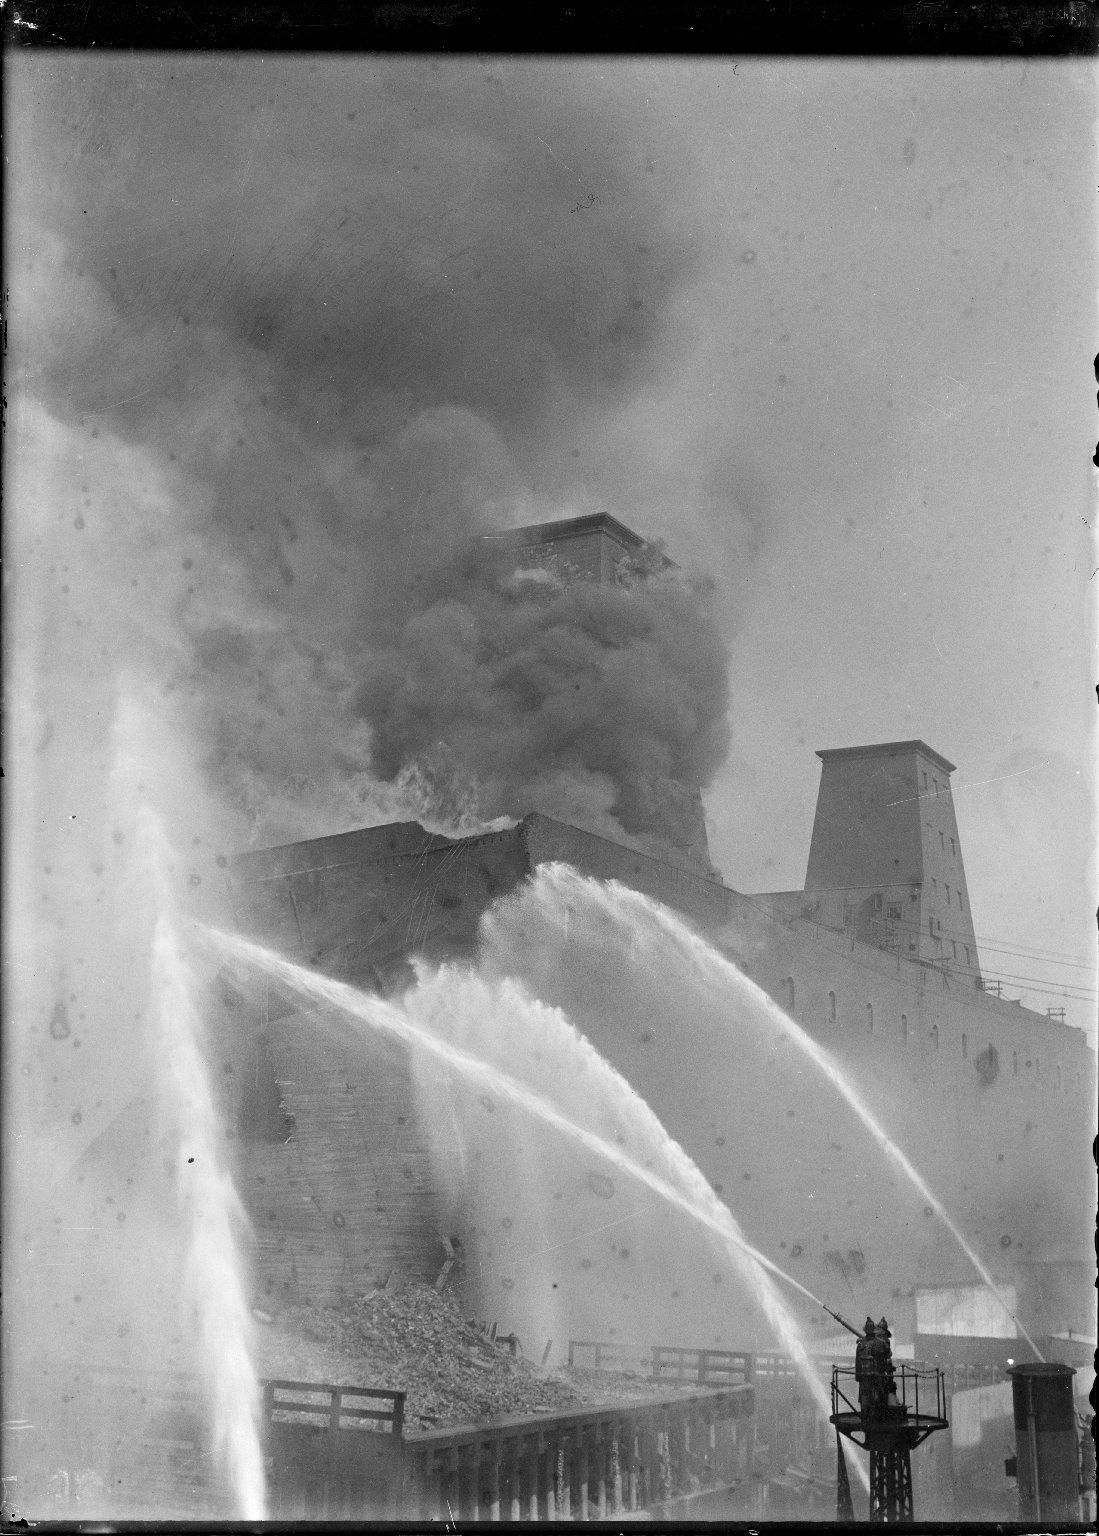 Тушение пожара в доках, Нью-Йорк, США. 1917 год